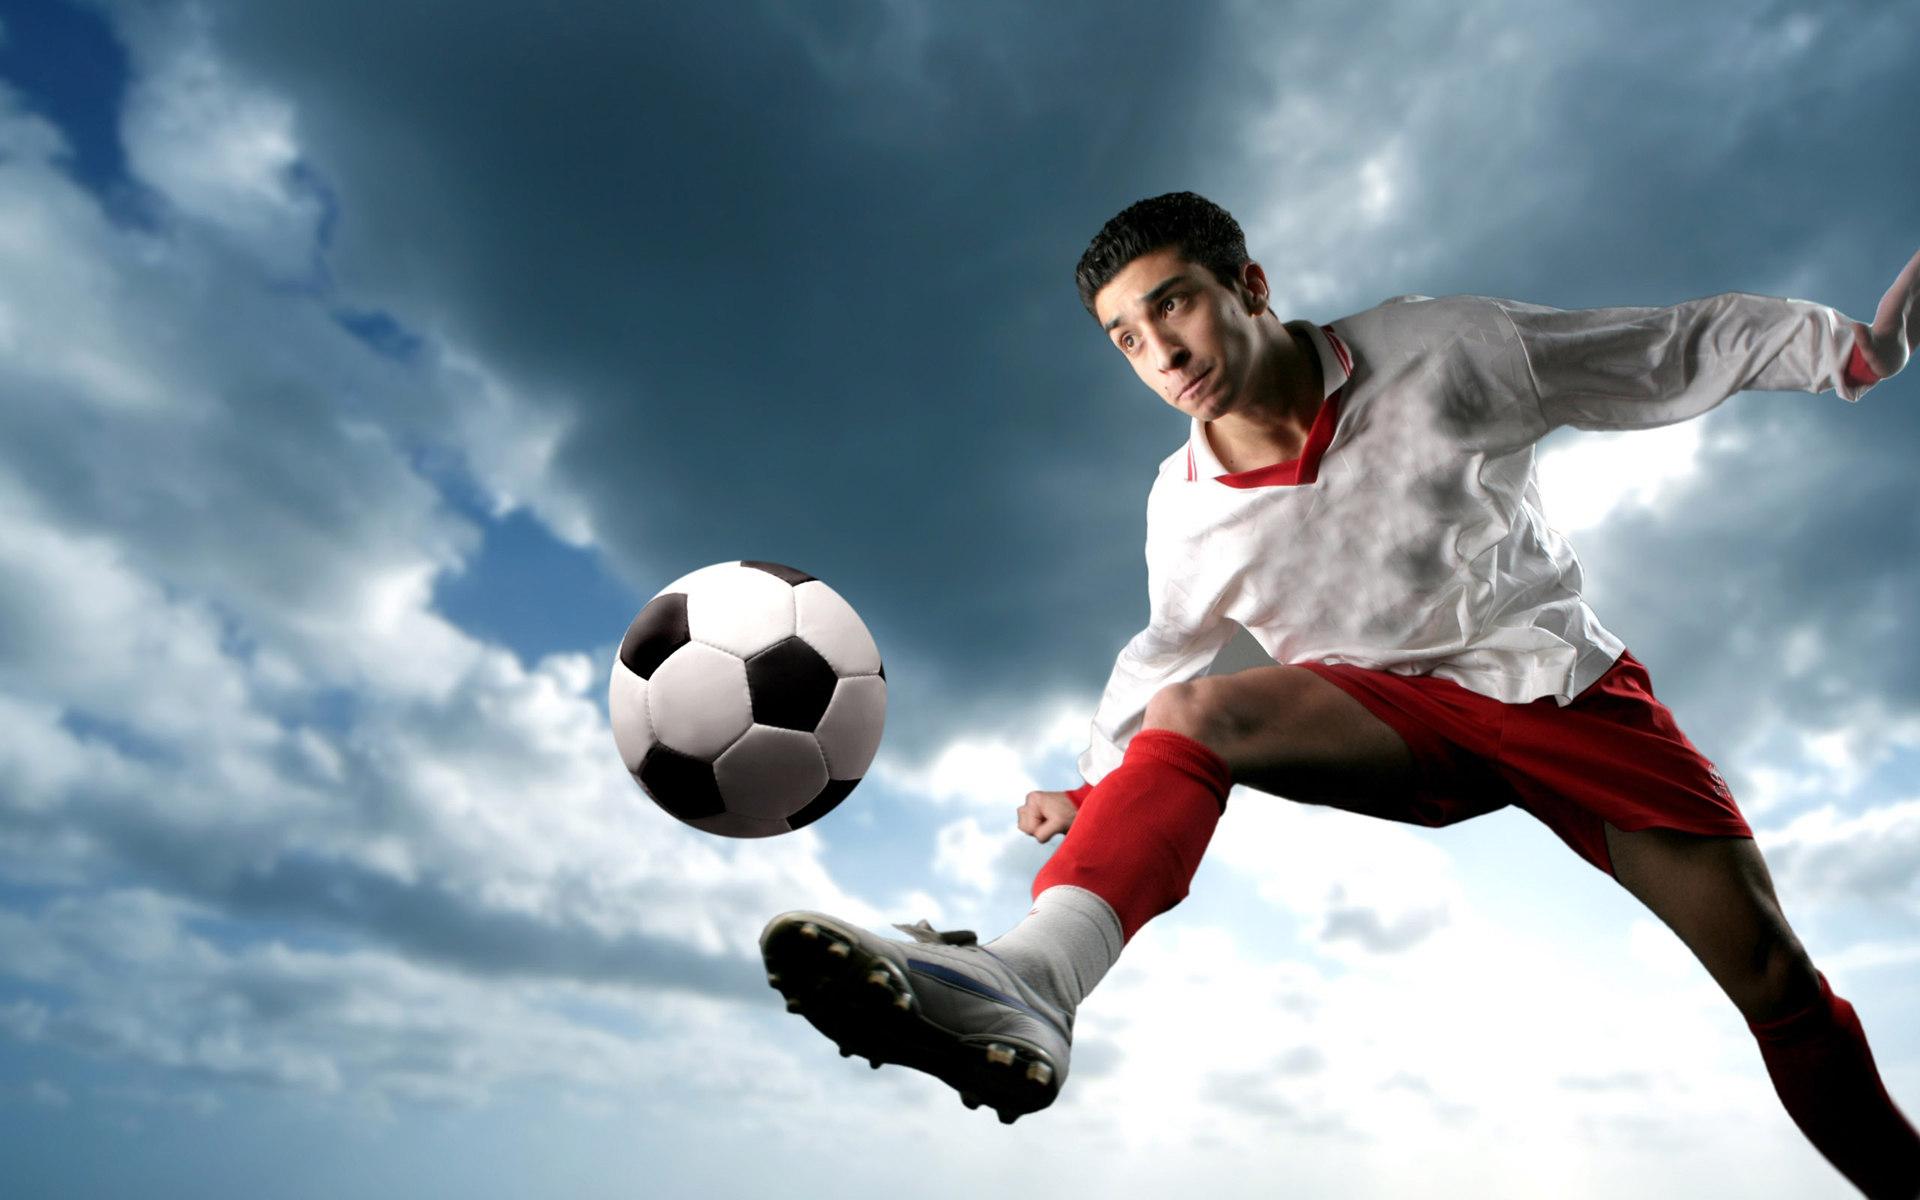 футбол, обои на рабочий стол, мяч